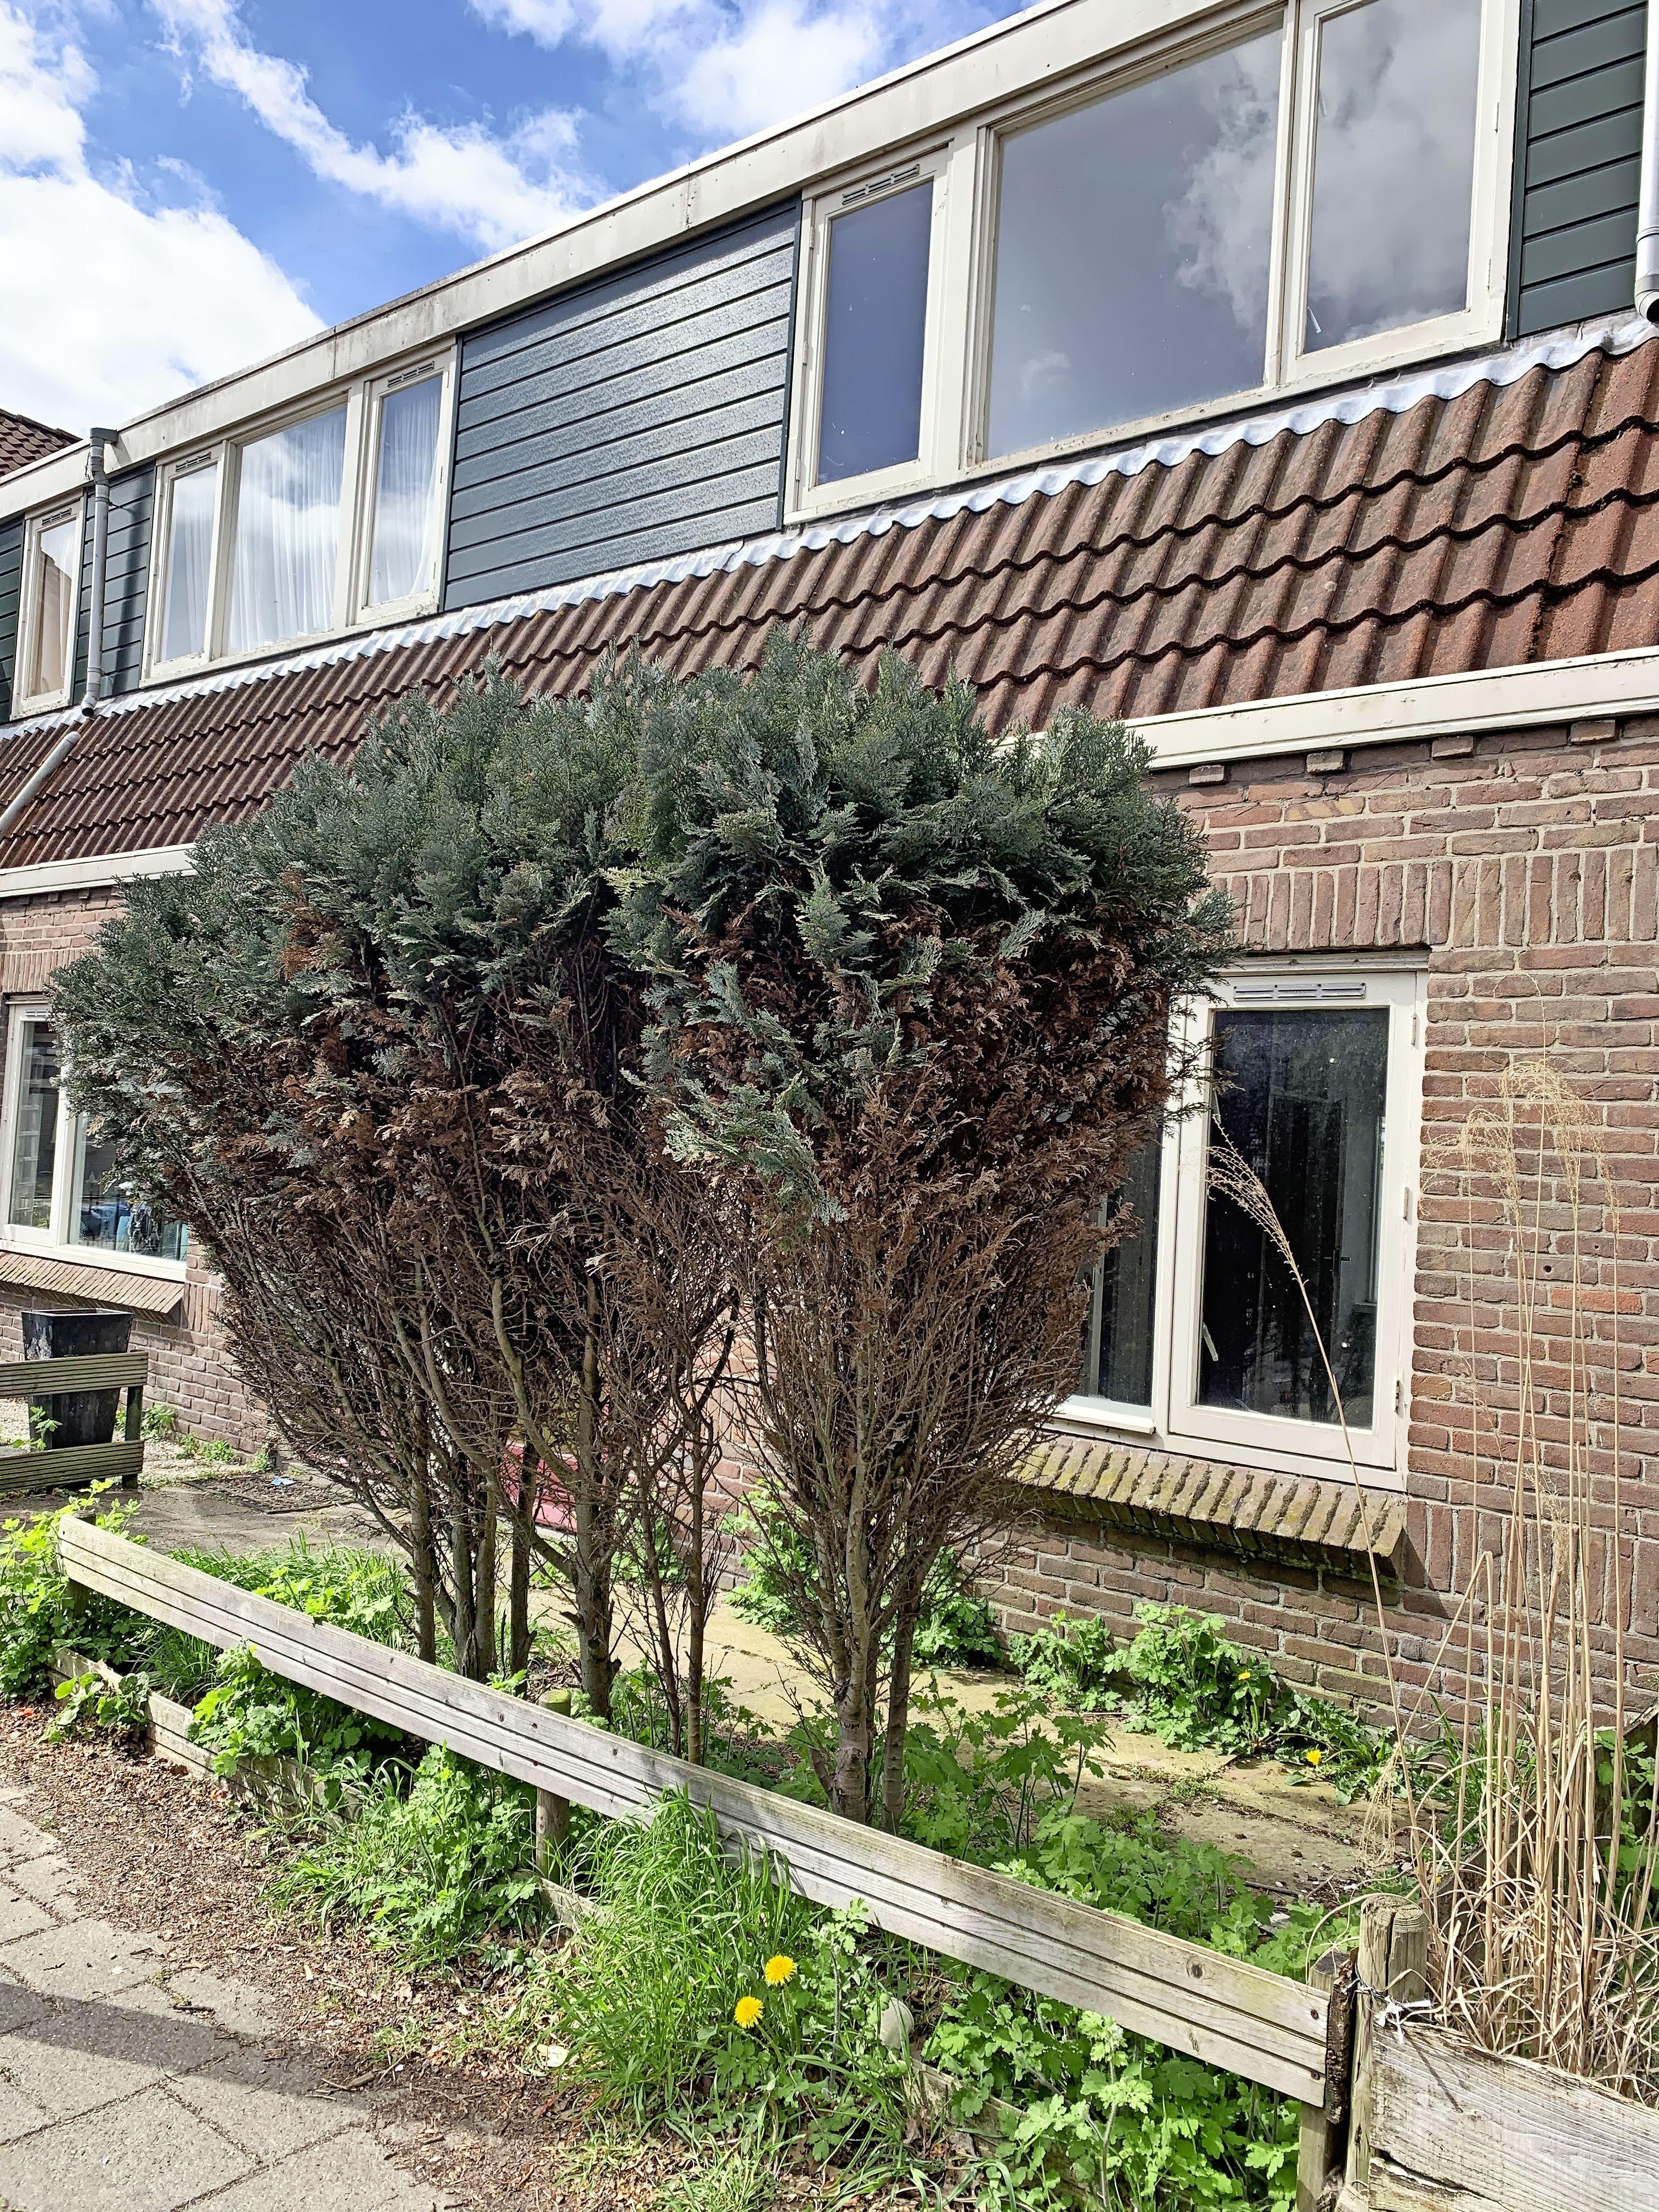 Twee sociale huurwoningen in Santpoort-Noord staan al jaren leeg, maar gaan na een grondige renovatie weer de verhuur in